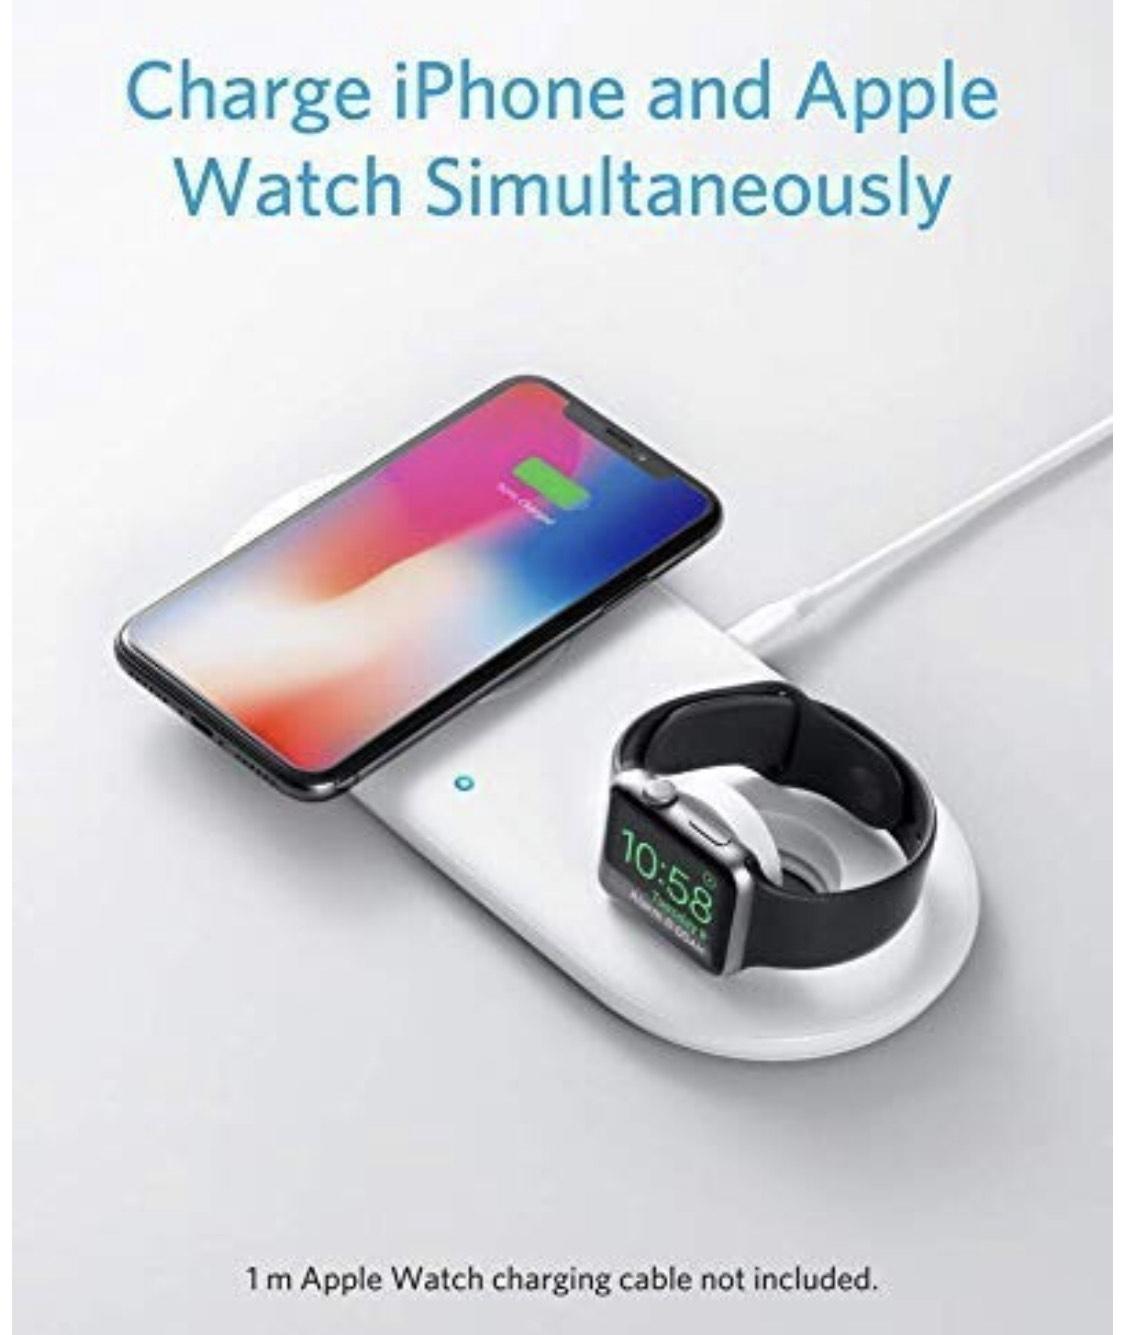 Anker PowerWave+ Ladepad mit Ladedock für Deine Watch, Qi-zertifiziertes 2-in-1 Ladepad mit Apple Watch Ladedock